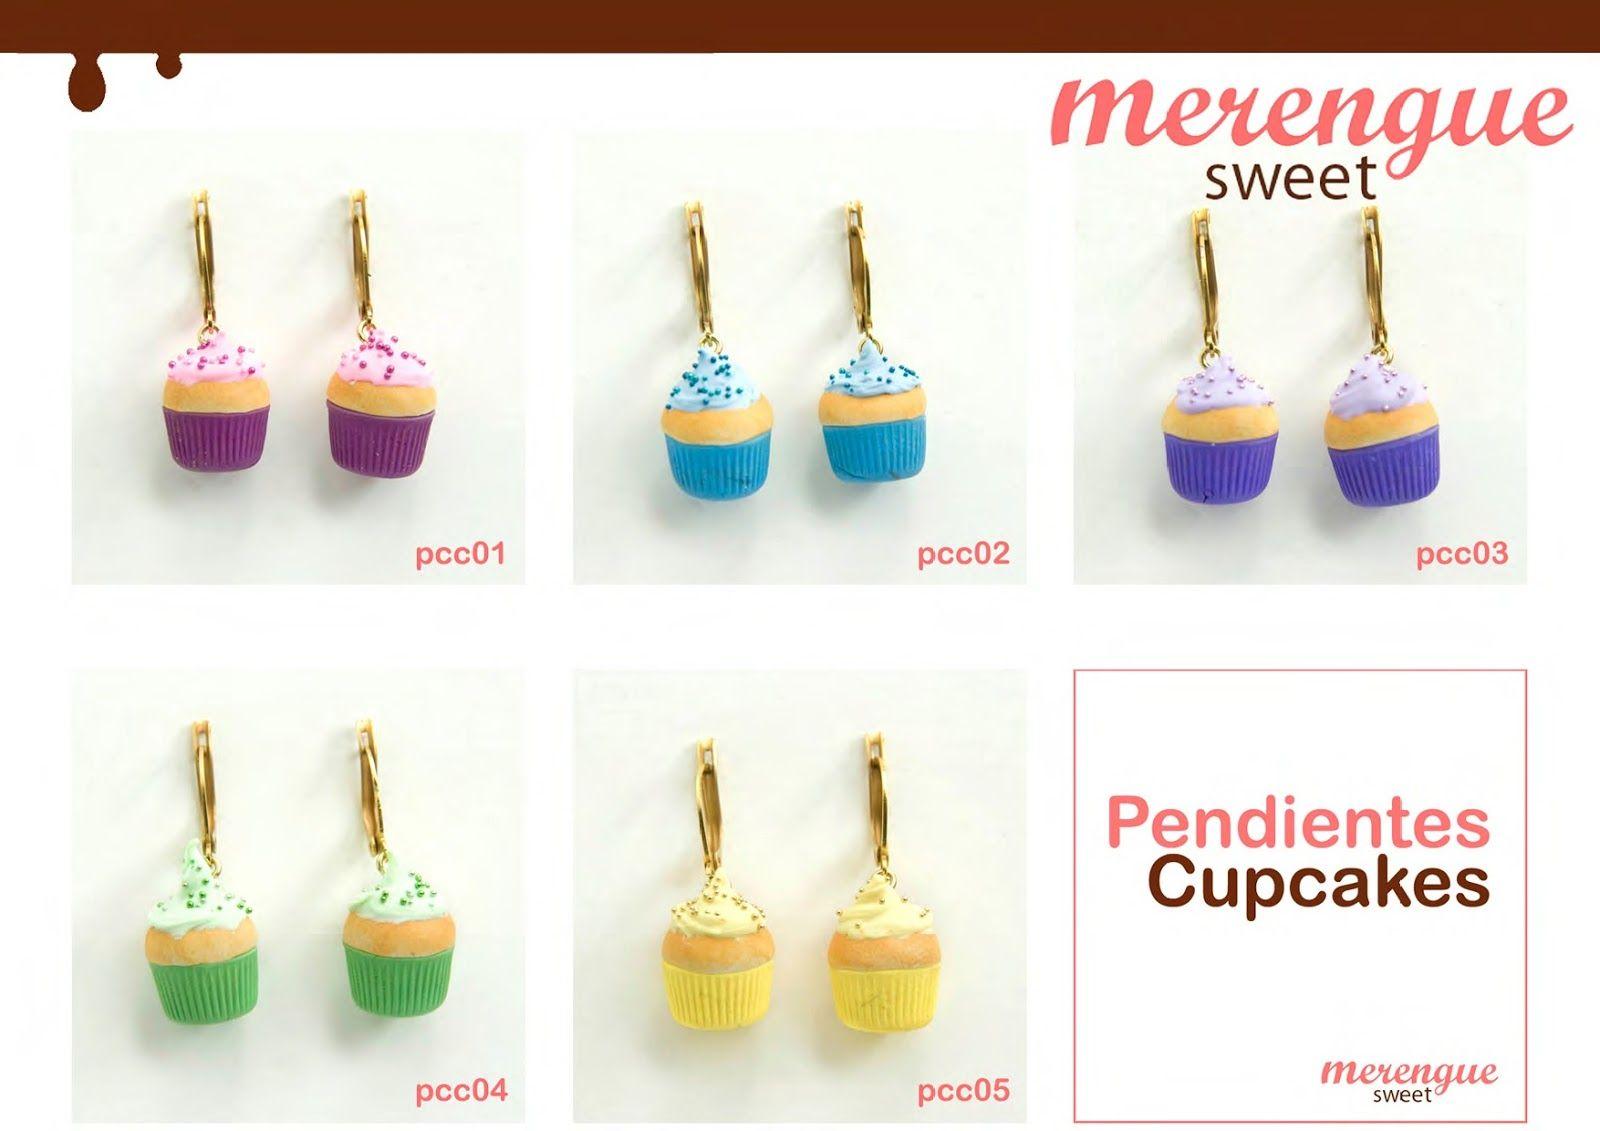 Merengue Sweet: Pendientes